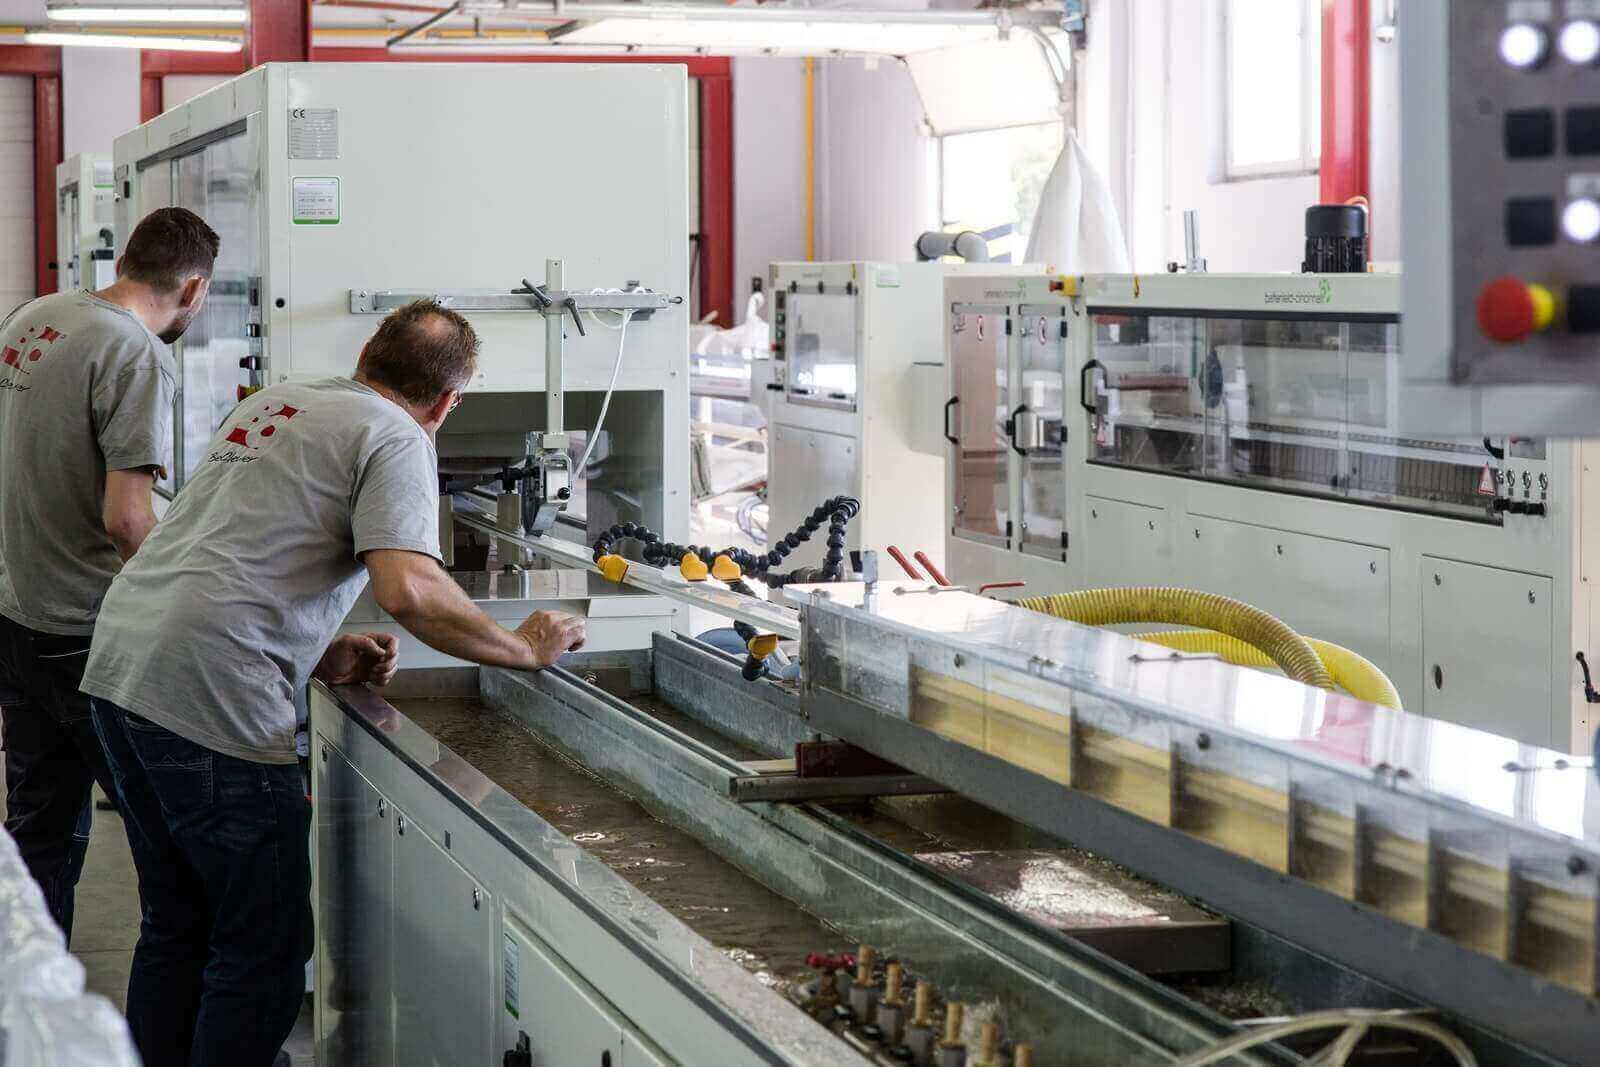 Pracownicy obsługujący maszynę do produkcji profili do skrzynek rolet zewnętrznych, żaluzji zewnętrznychm rolet typu screen.